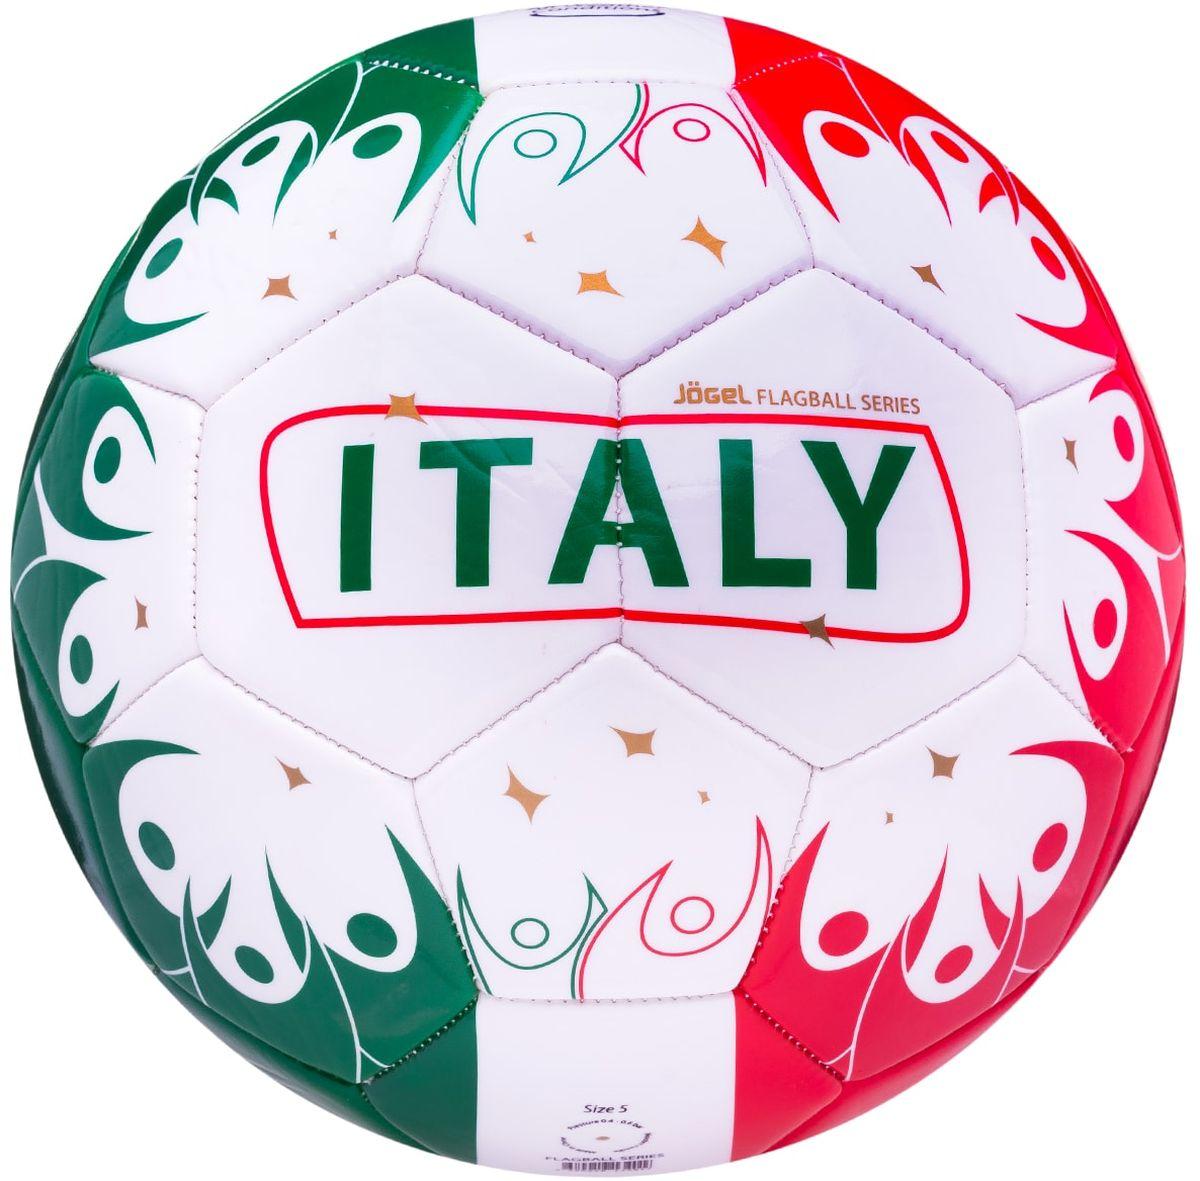 Мяч футбольный Jogel Italy, цвет: белый, красный, зеленый. Размер 5УТ-00011397Категория: Мячи футбольныеУровень: Любительский Jogel - это мячи из специальной коллекции, посвященной чемпионату мира по футболу 2018 года. В дизайне мячей данной линейки применяются цветовые решения флагов сильнейших сборных мира. Мячи придутся по душе всем любителям футбола и фанатам, которые захотят приобрести данные мячи в качестве сувенира. По своим характеристикам подходит как детям, так и взрослым. Поверхность мяча выполнена из синтетической кожи (поливинилхлорид) толщиной 2,7 мм. Мячи имеют 2 подкладочных слоя и оснащены бутиловой камерой, обеспечивающей долгое сохранение воздуха в камере. Данные мячи рекомендованы для любительской игры и тренировок любительских команд.Рекомендованные покрытия: натуральный газон, синтетическая трава, резина, гаревые поля, паркетМатериал поверхности: Синтетическая кожа (поливинилхлорид) толщиной 2,7 ммМатериал камеры: БутилТип соединения панелей: Машинная сшивкаКоличество панелей: 32Длина окружности: №5 - 68-70 смВес: 410-450 грРекомендованное давление: 0.4-0.6 барПроизводство: КНР